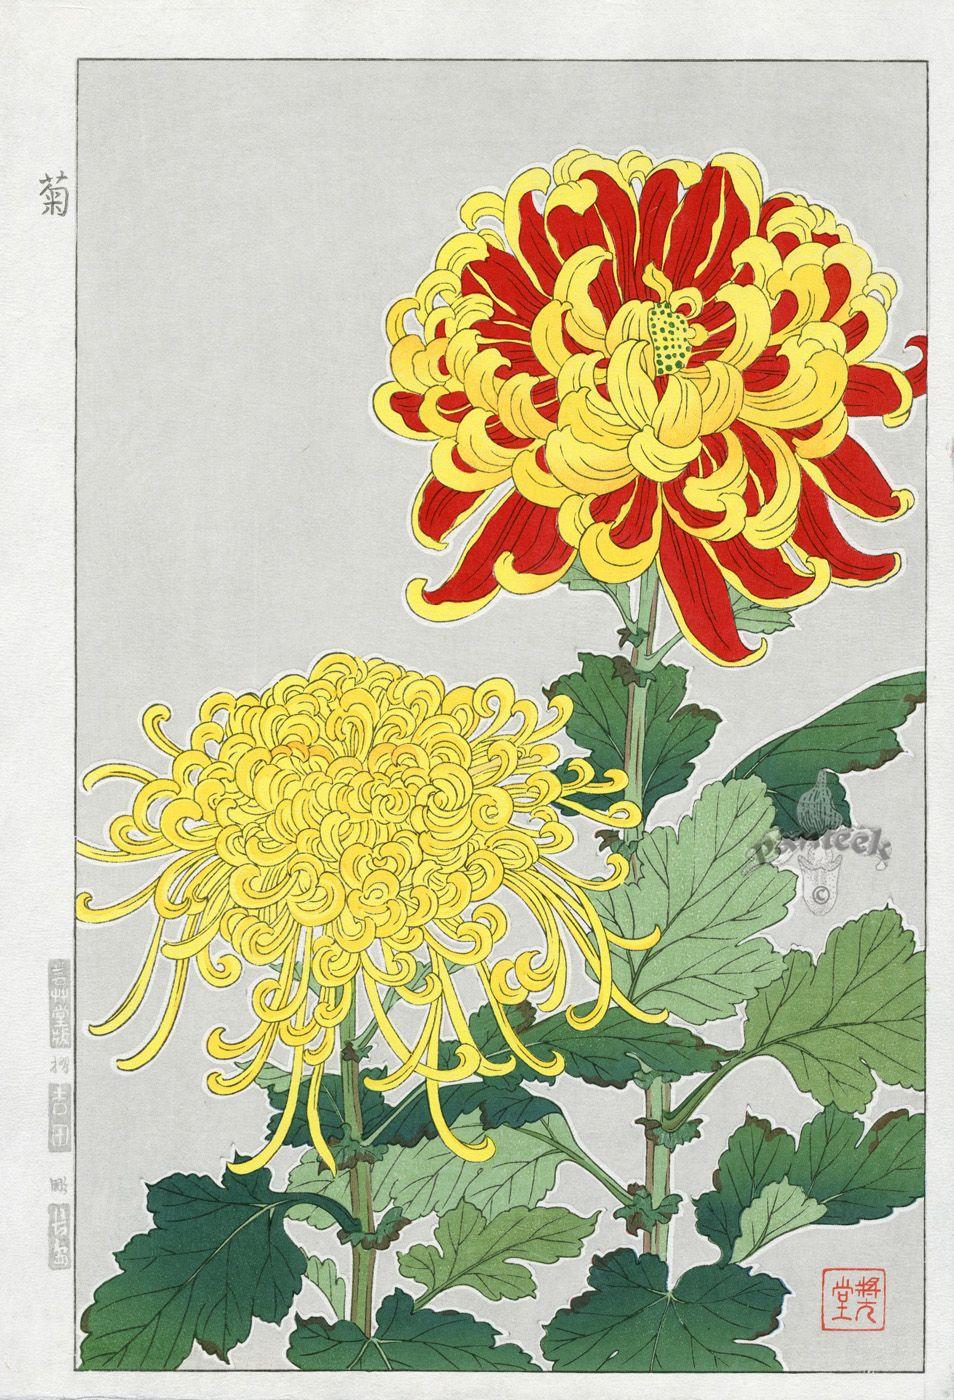 Crysanthemum Shodo Kawarazaki Botanicheskie Printy Cvetochnye Kartiny Hudozhestvennye Printy